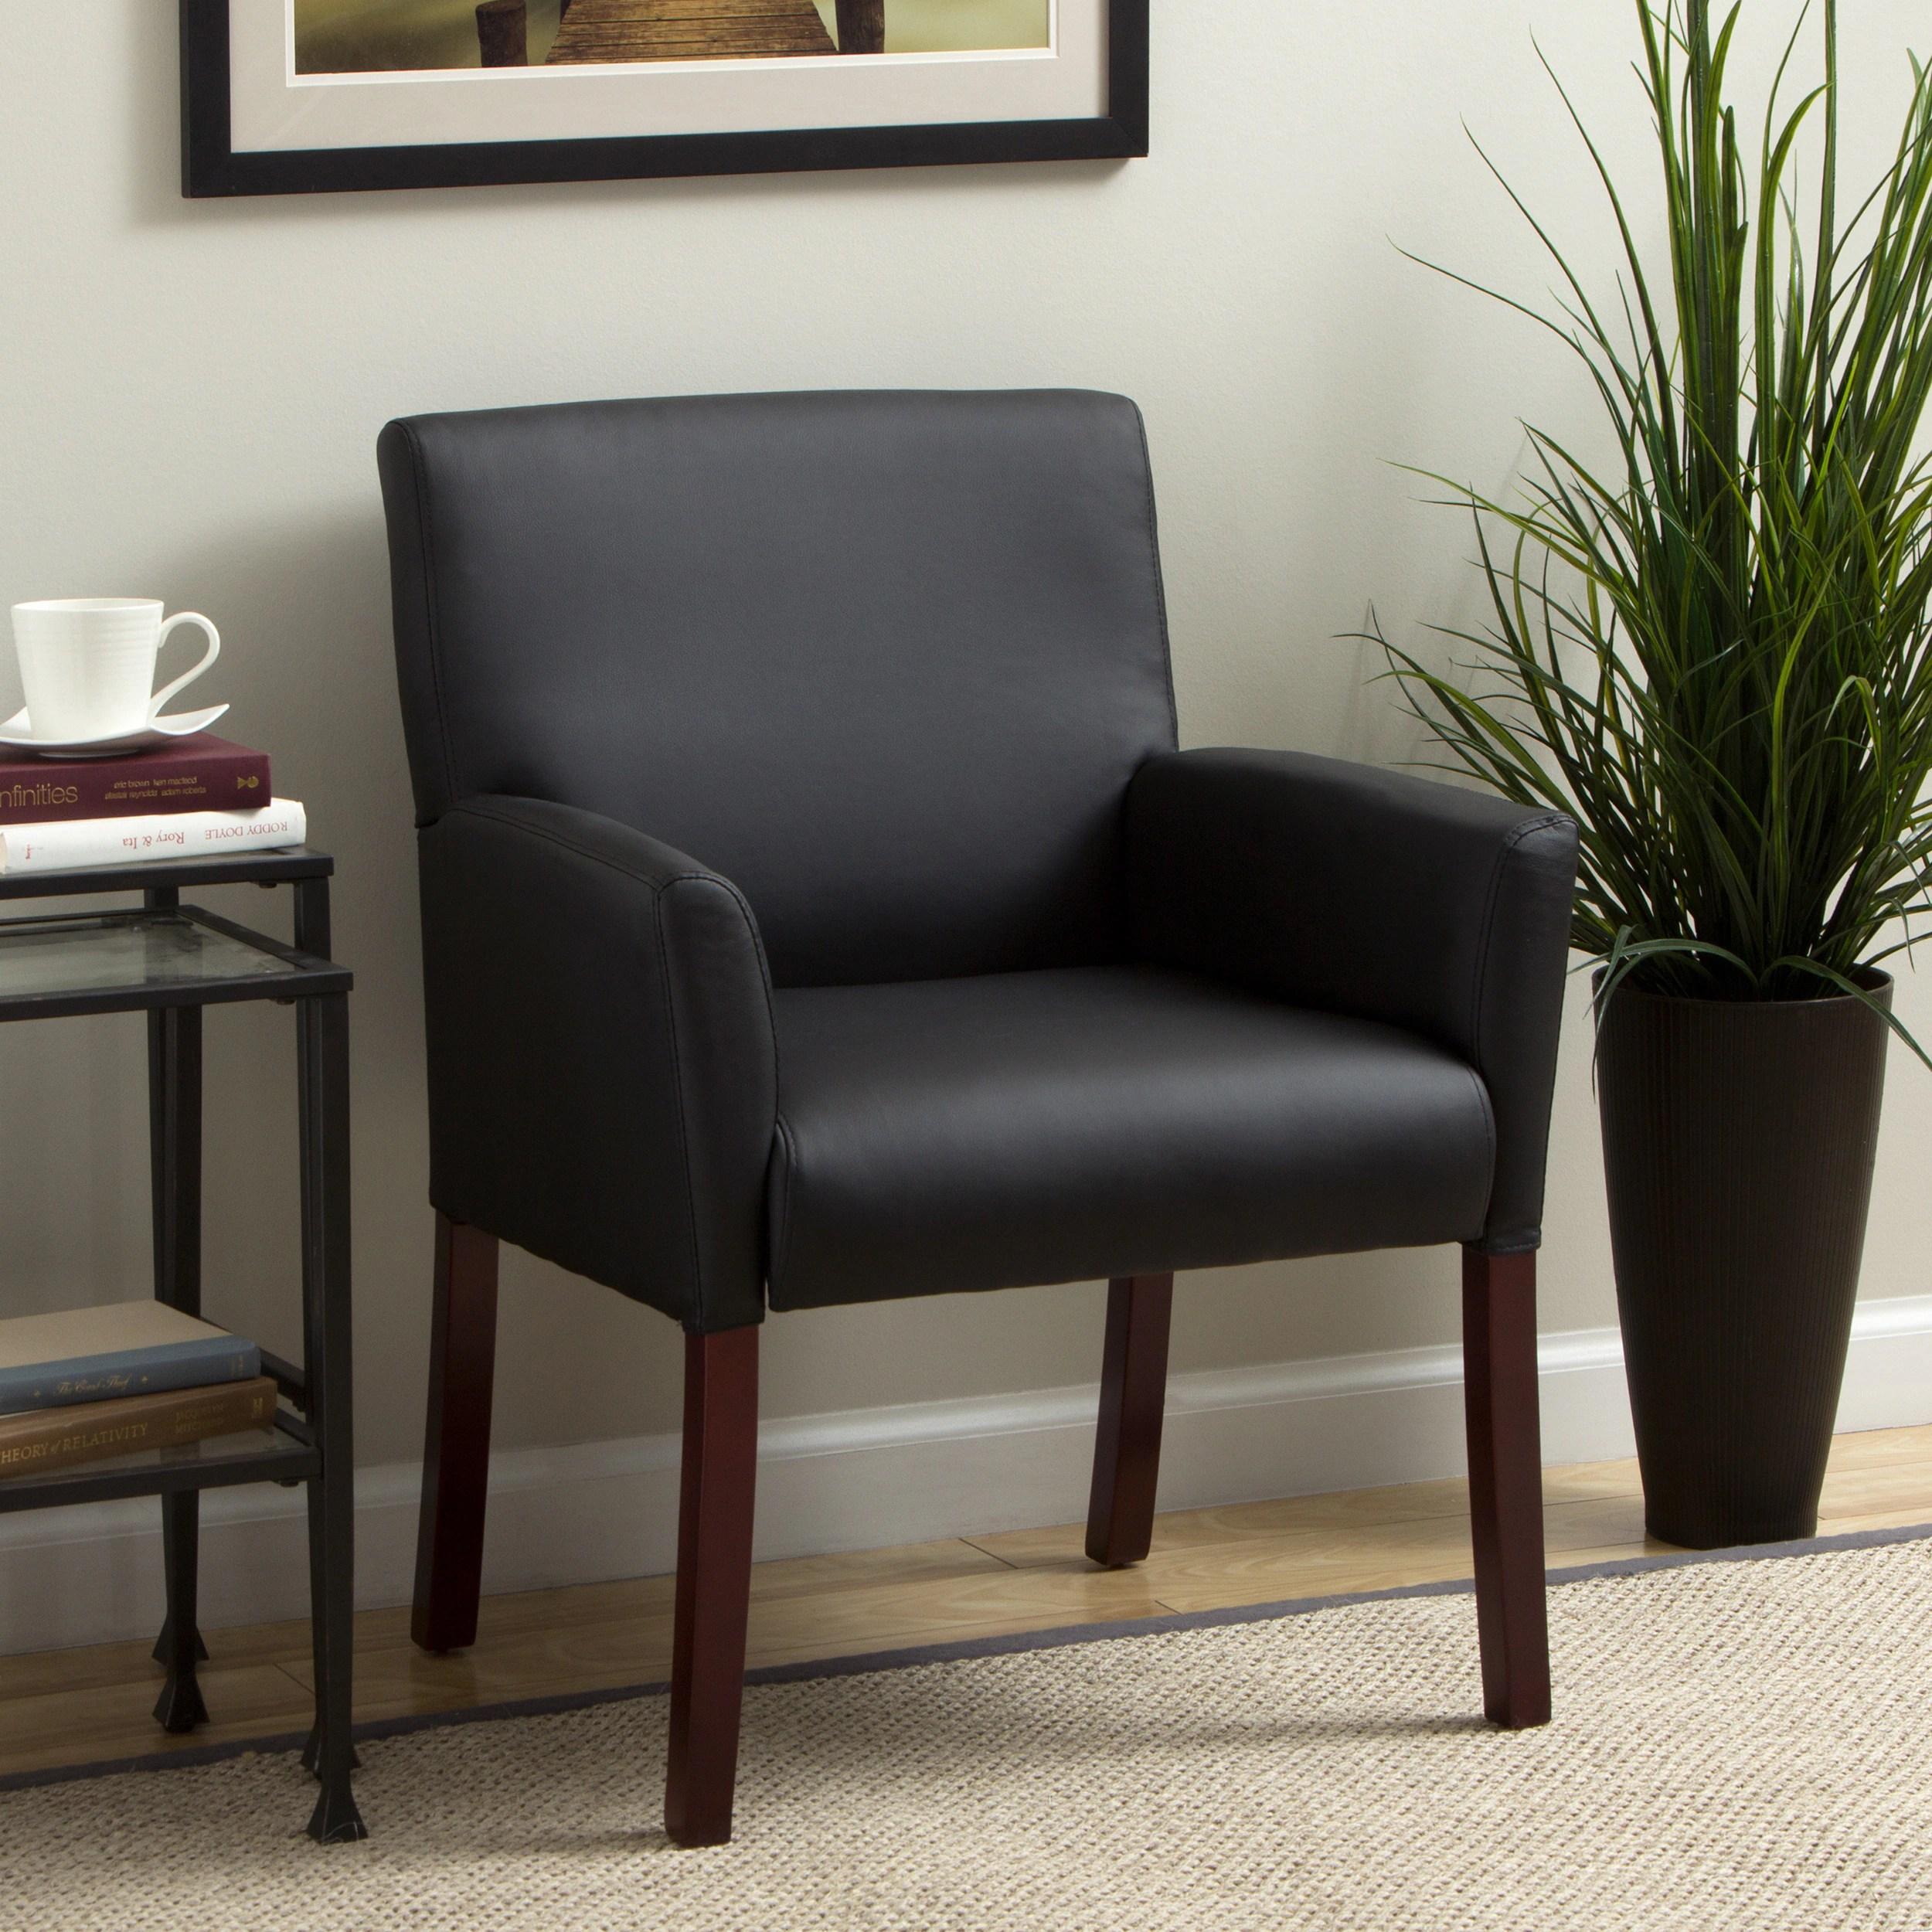 overstock arm chair tilting office mechanism boss caressoft reception box